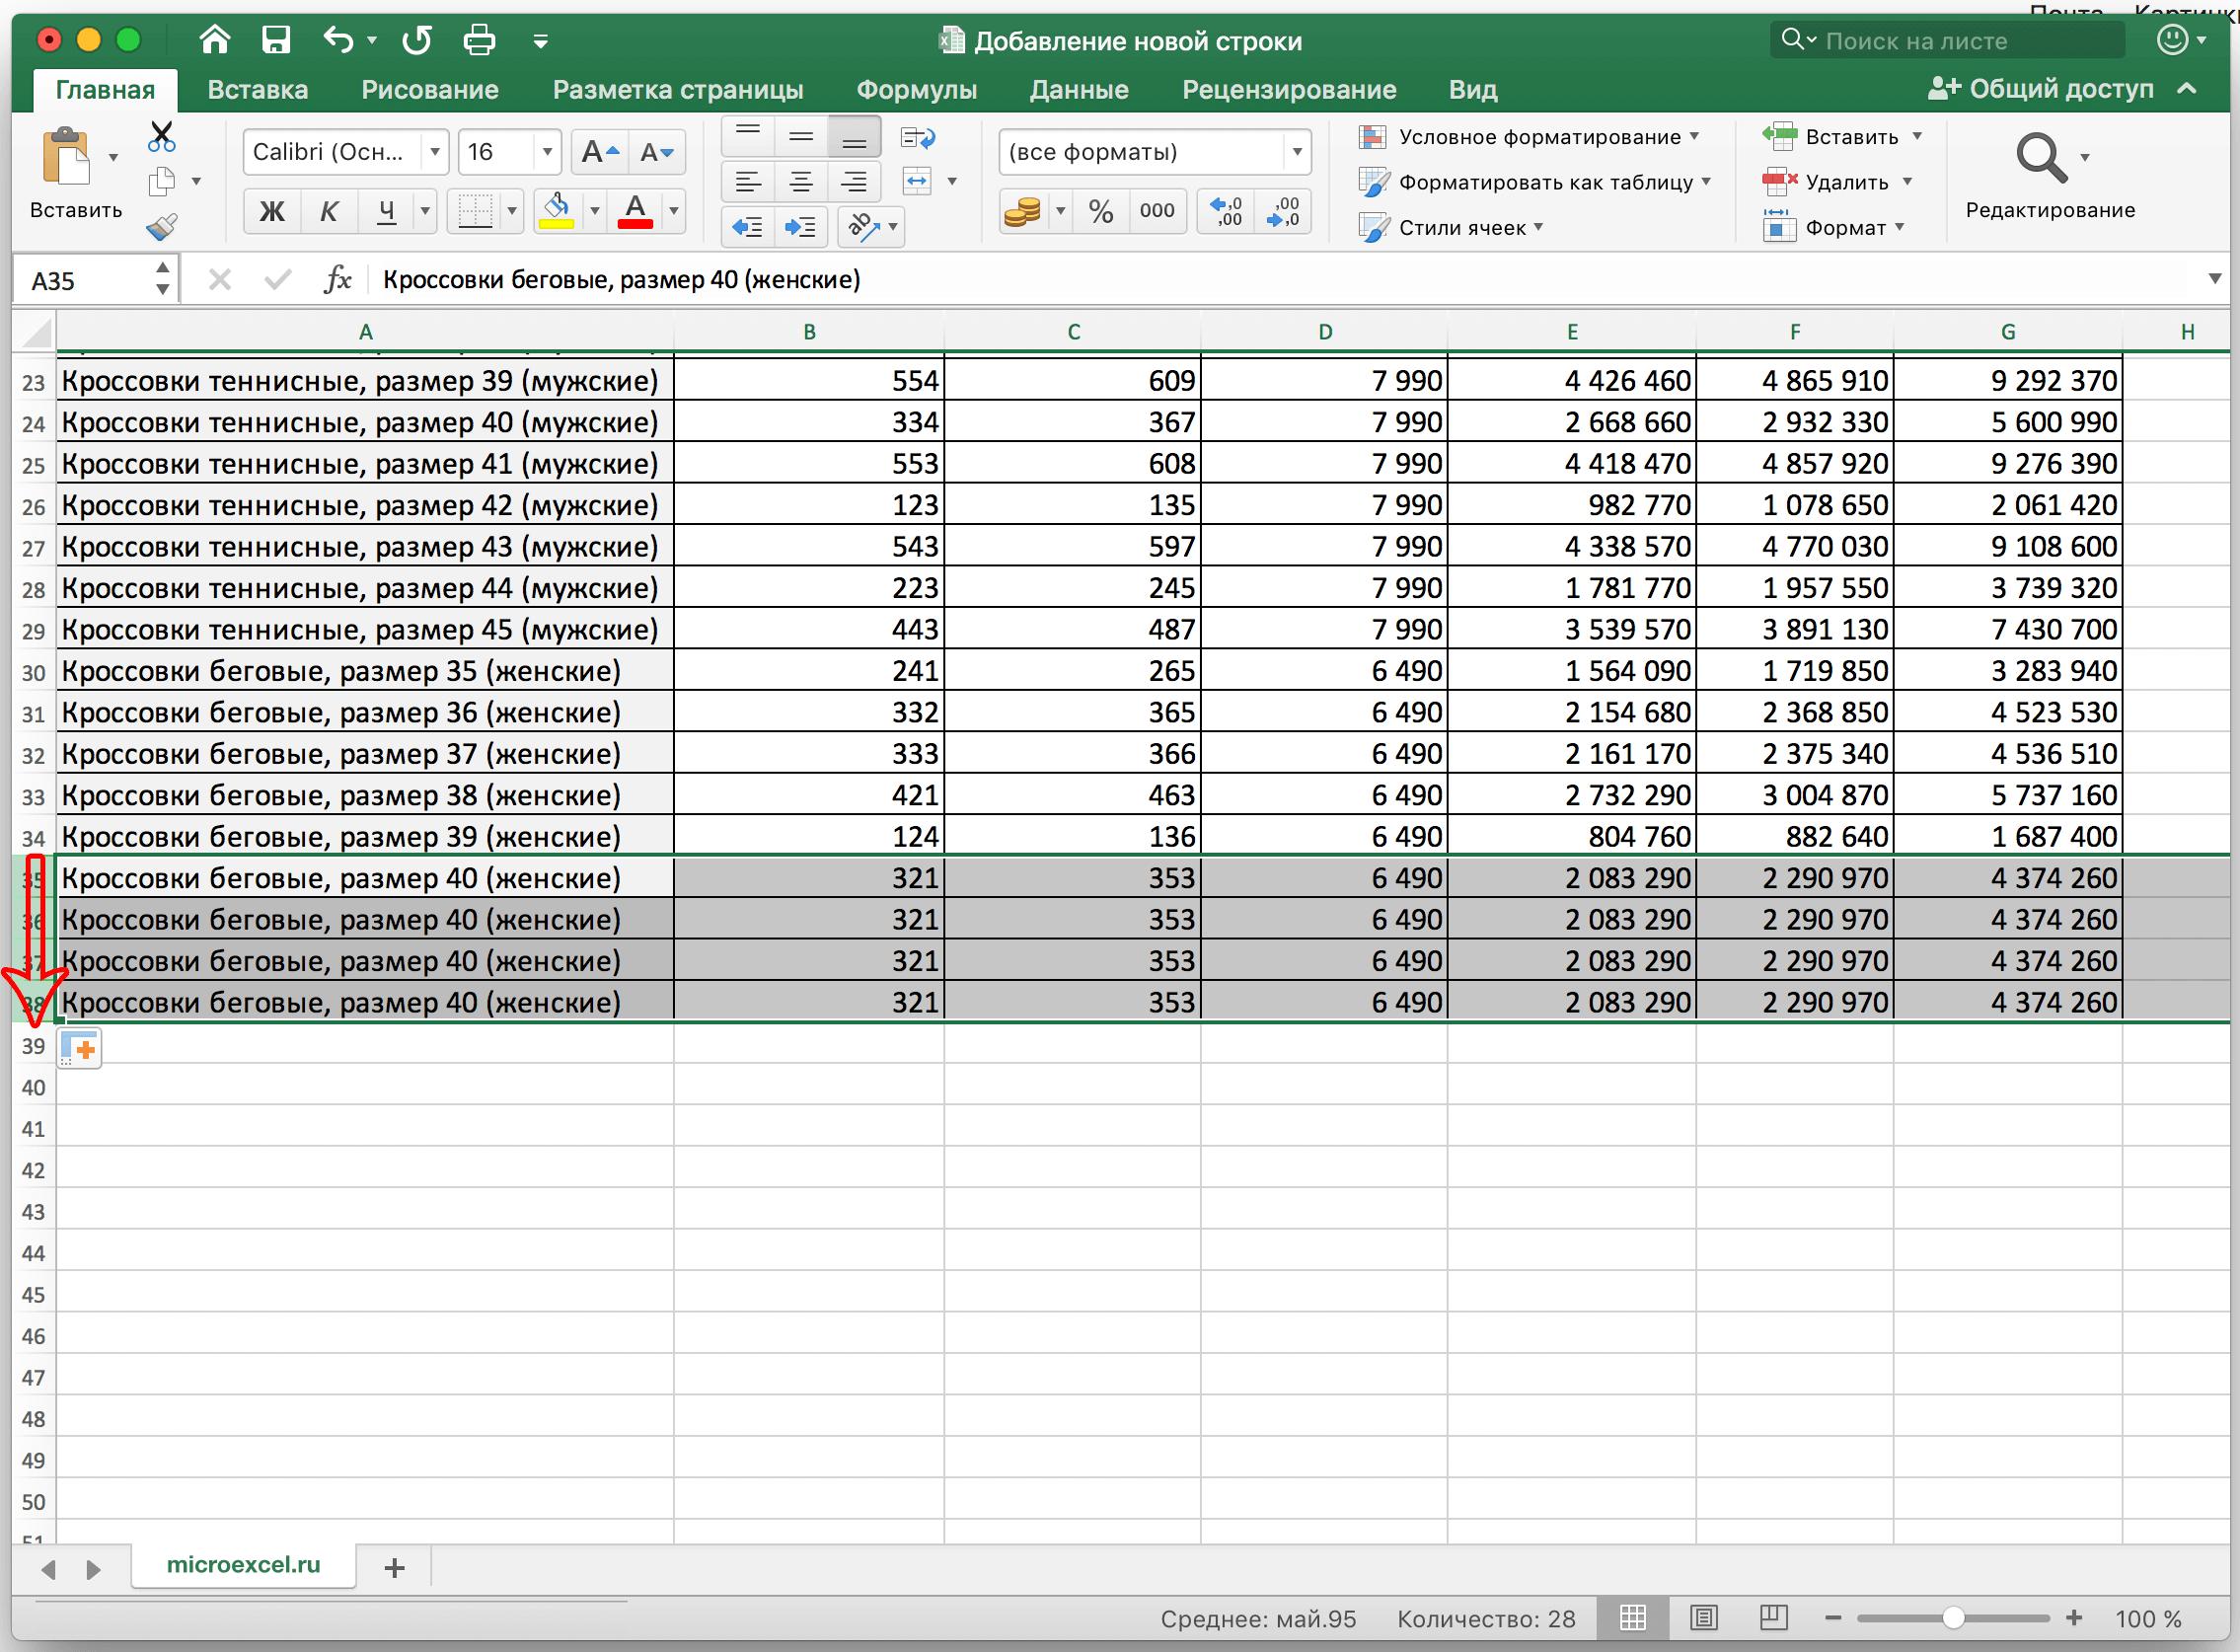 Вставка новой строки в конец Excel